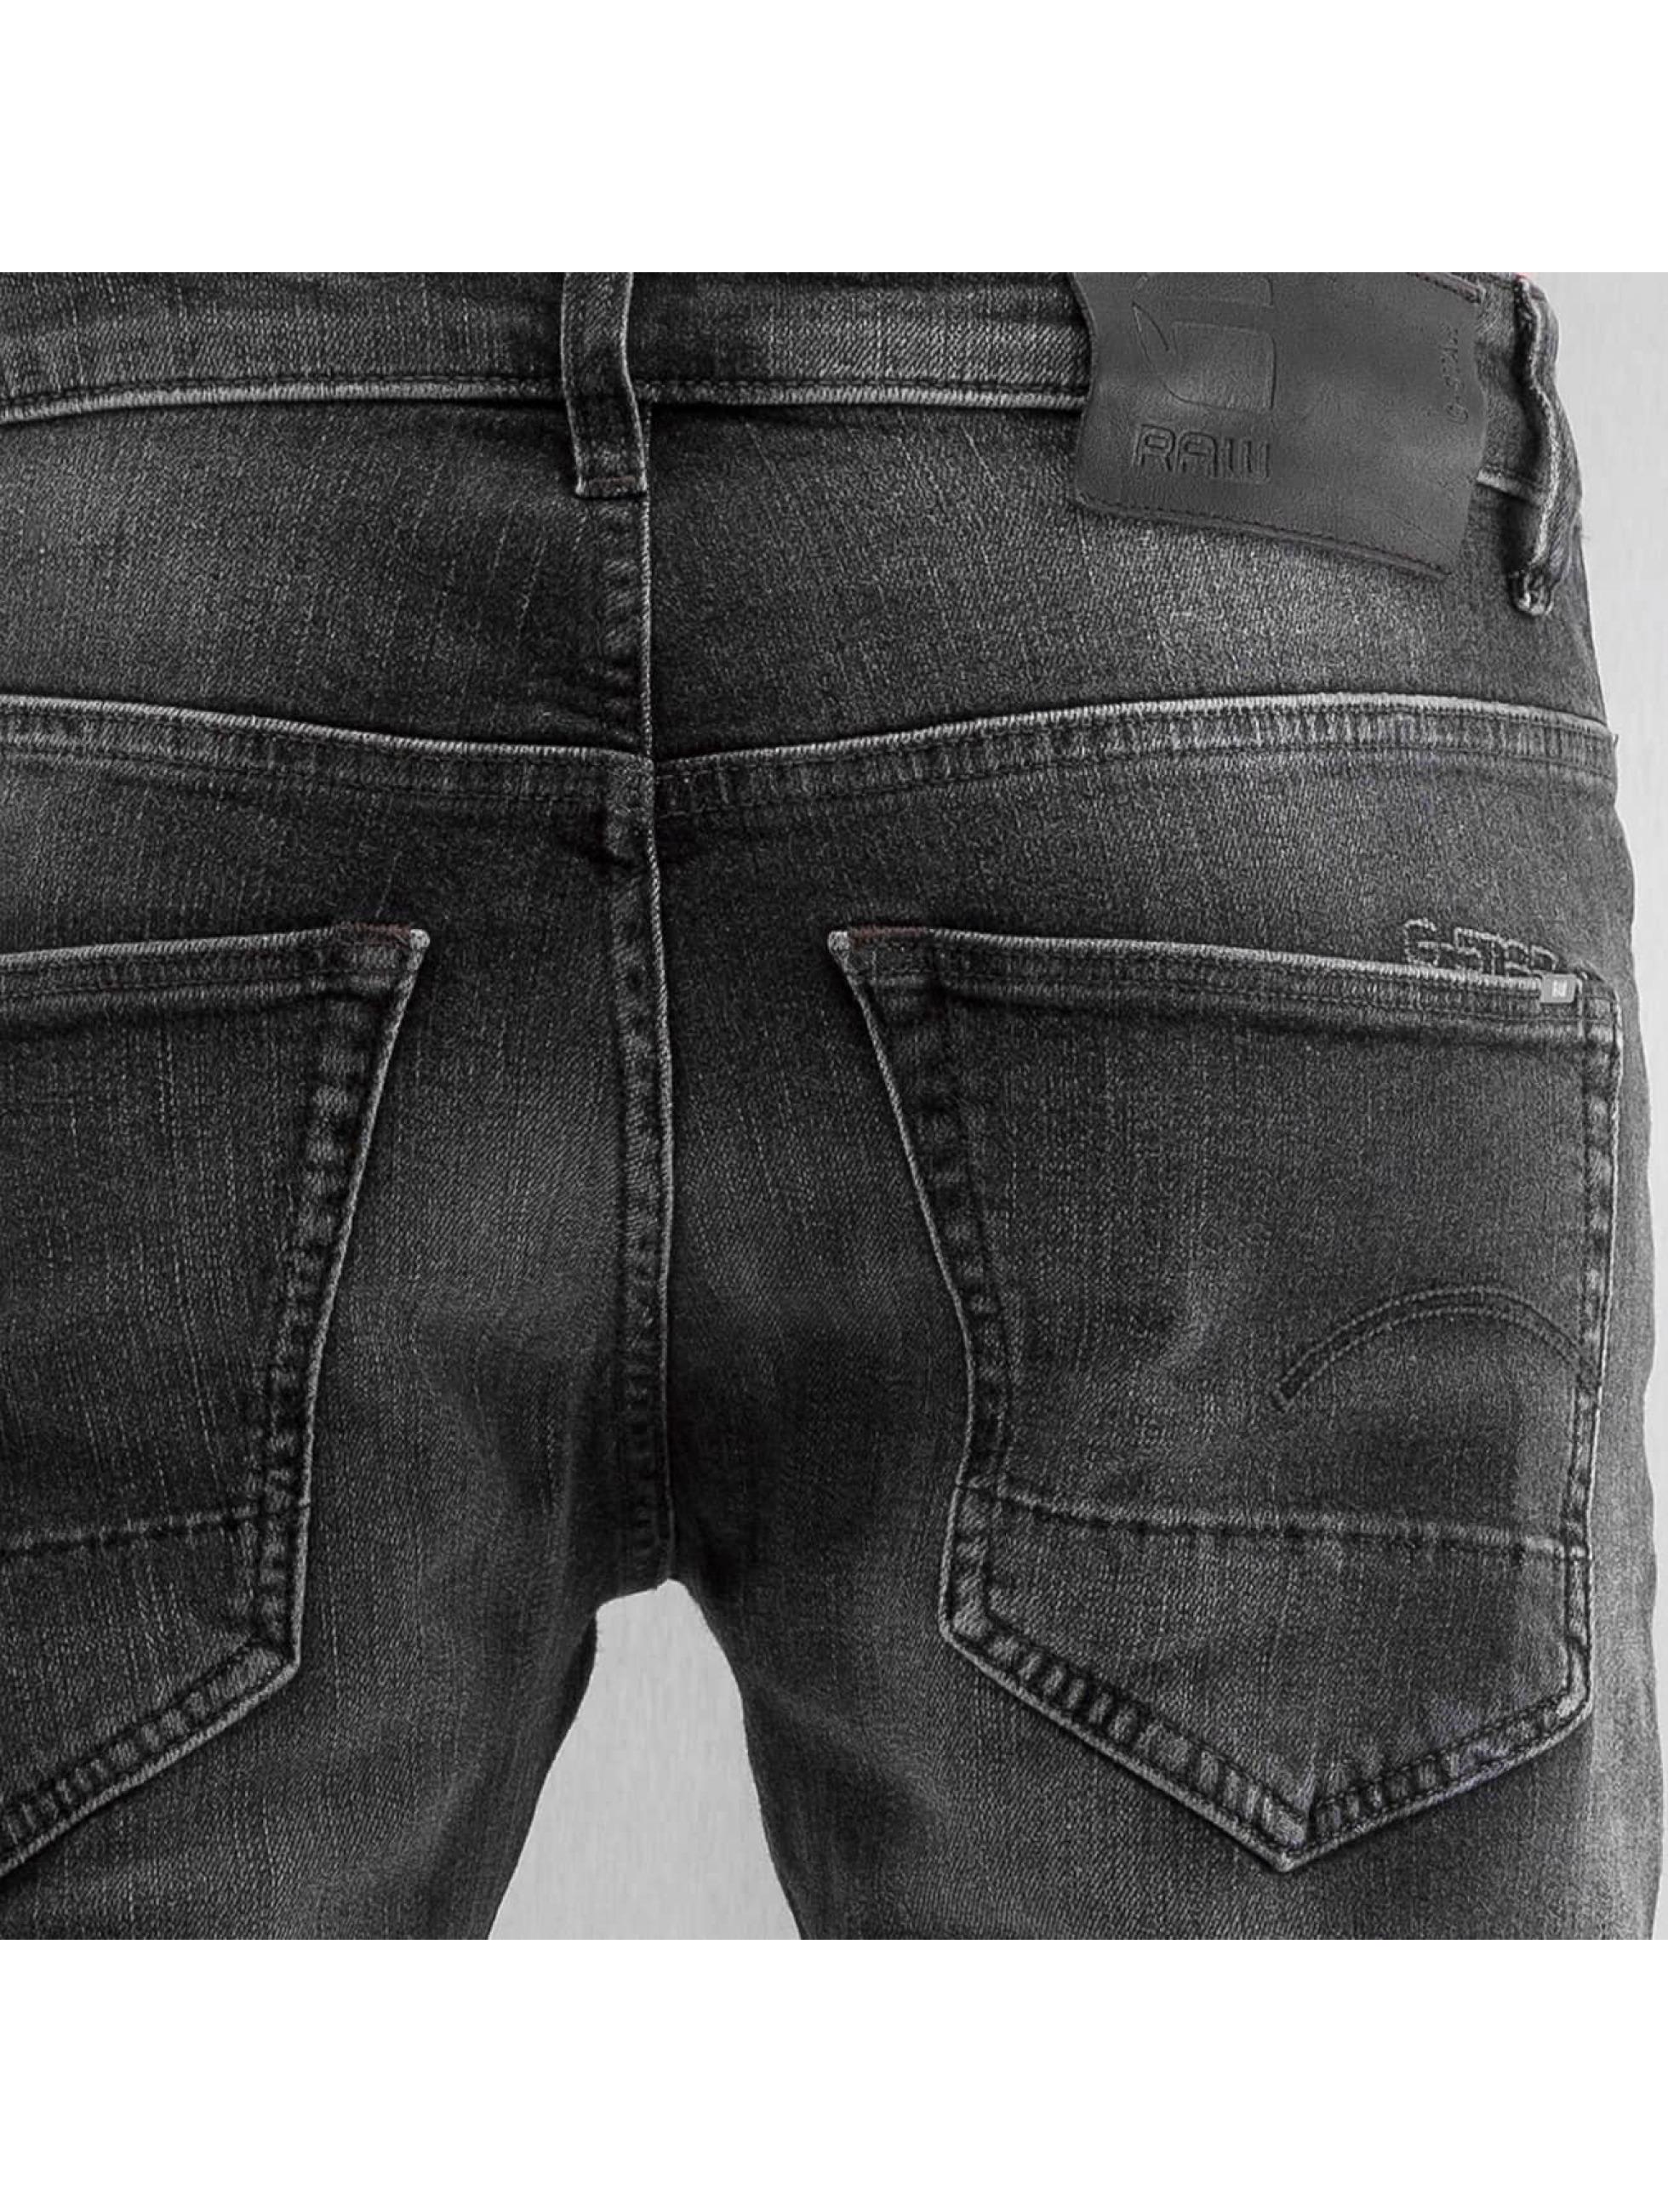 G-Star Skinny jeans 3301 Slim Skop Black Strech Denim grijs